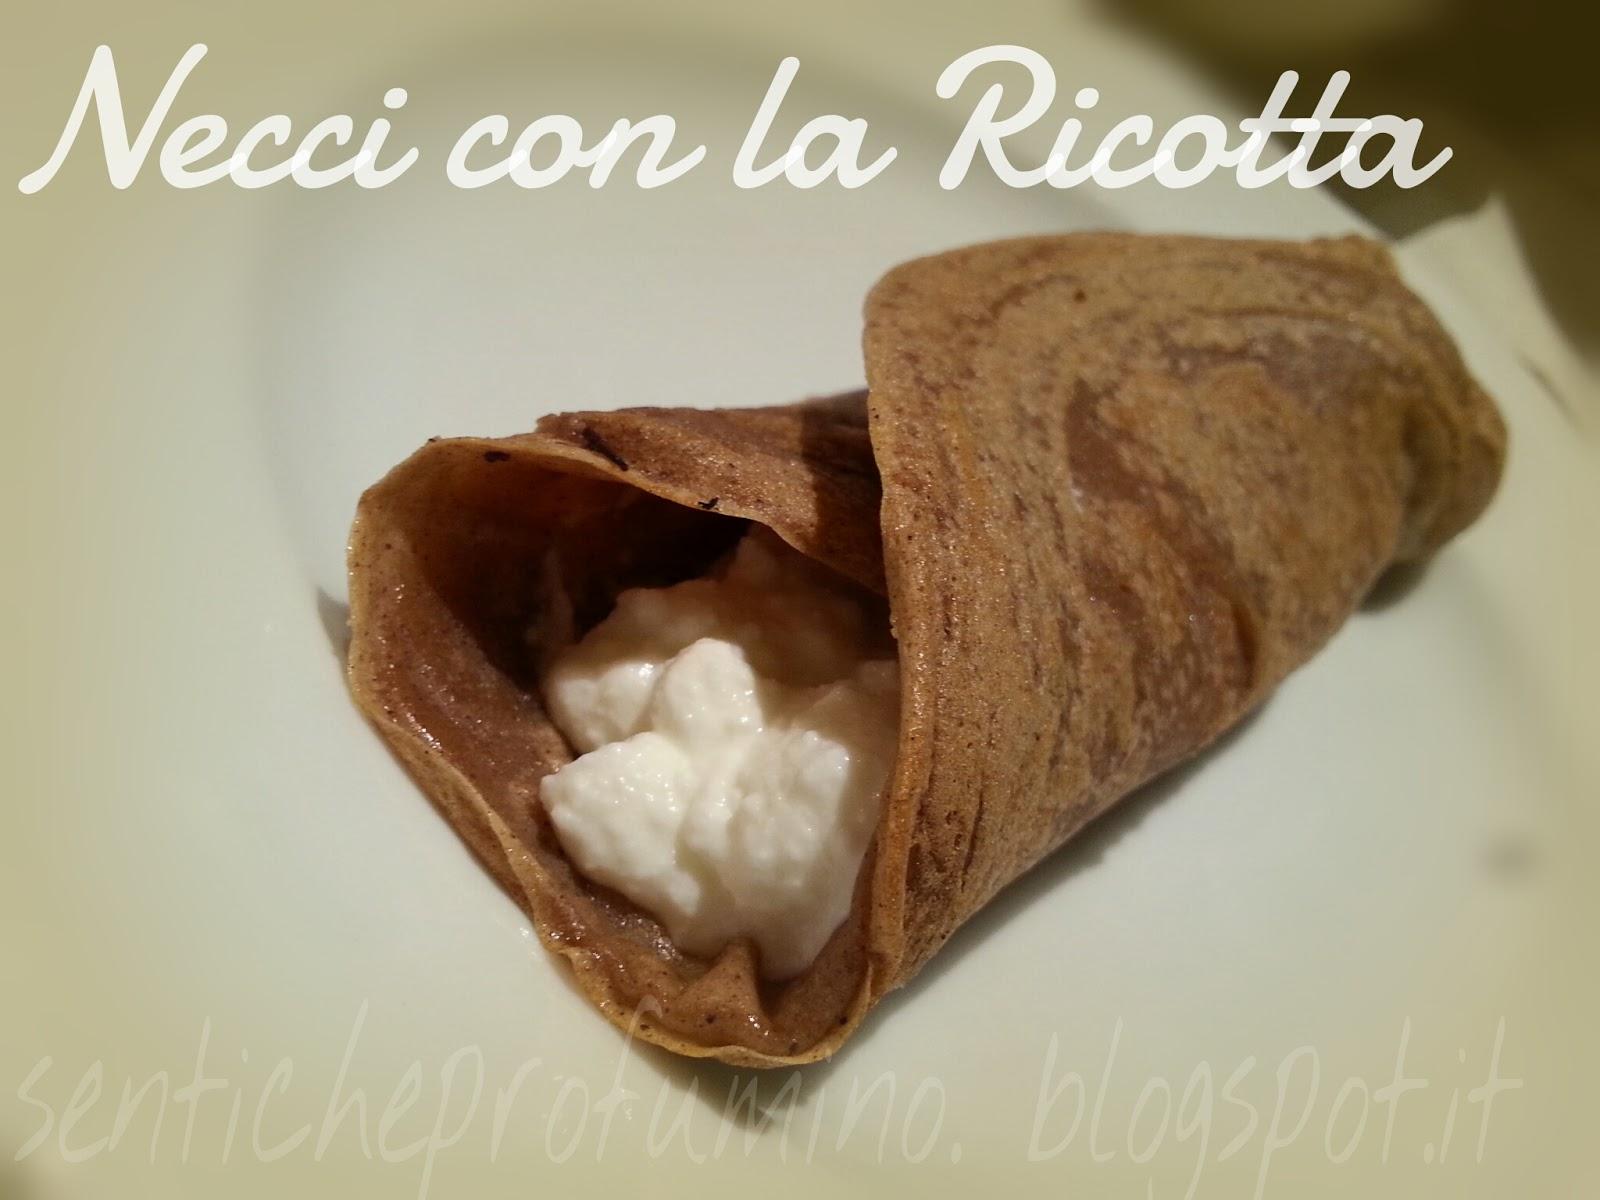 Necci con la ricotta, ricetta tradizionale Toscana